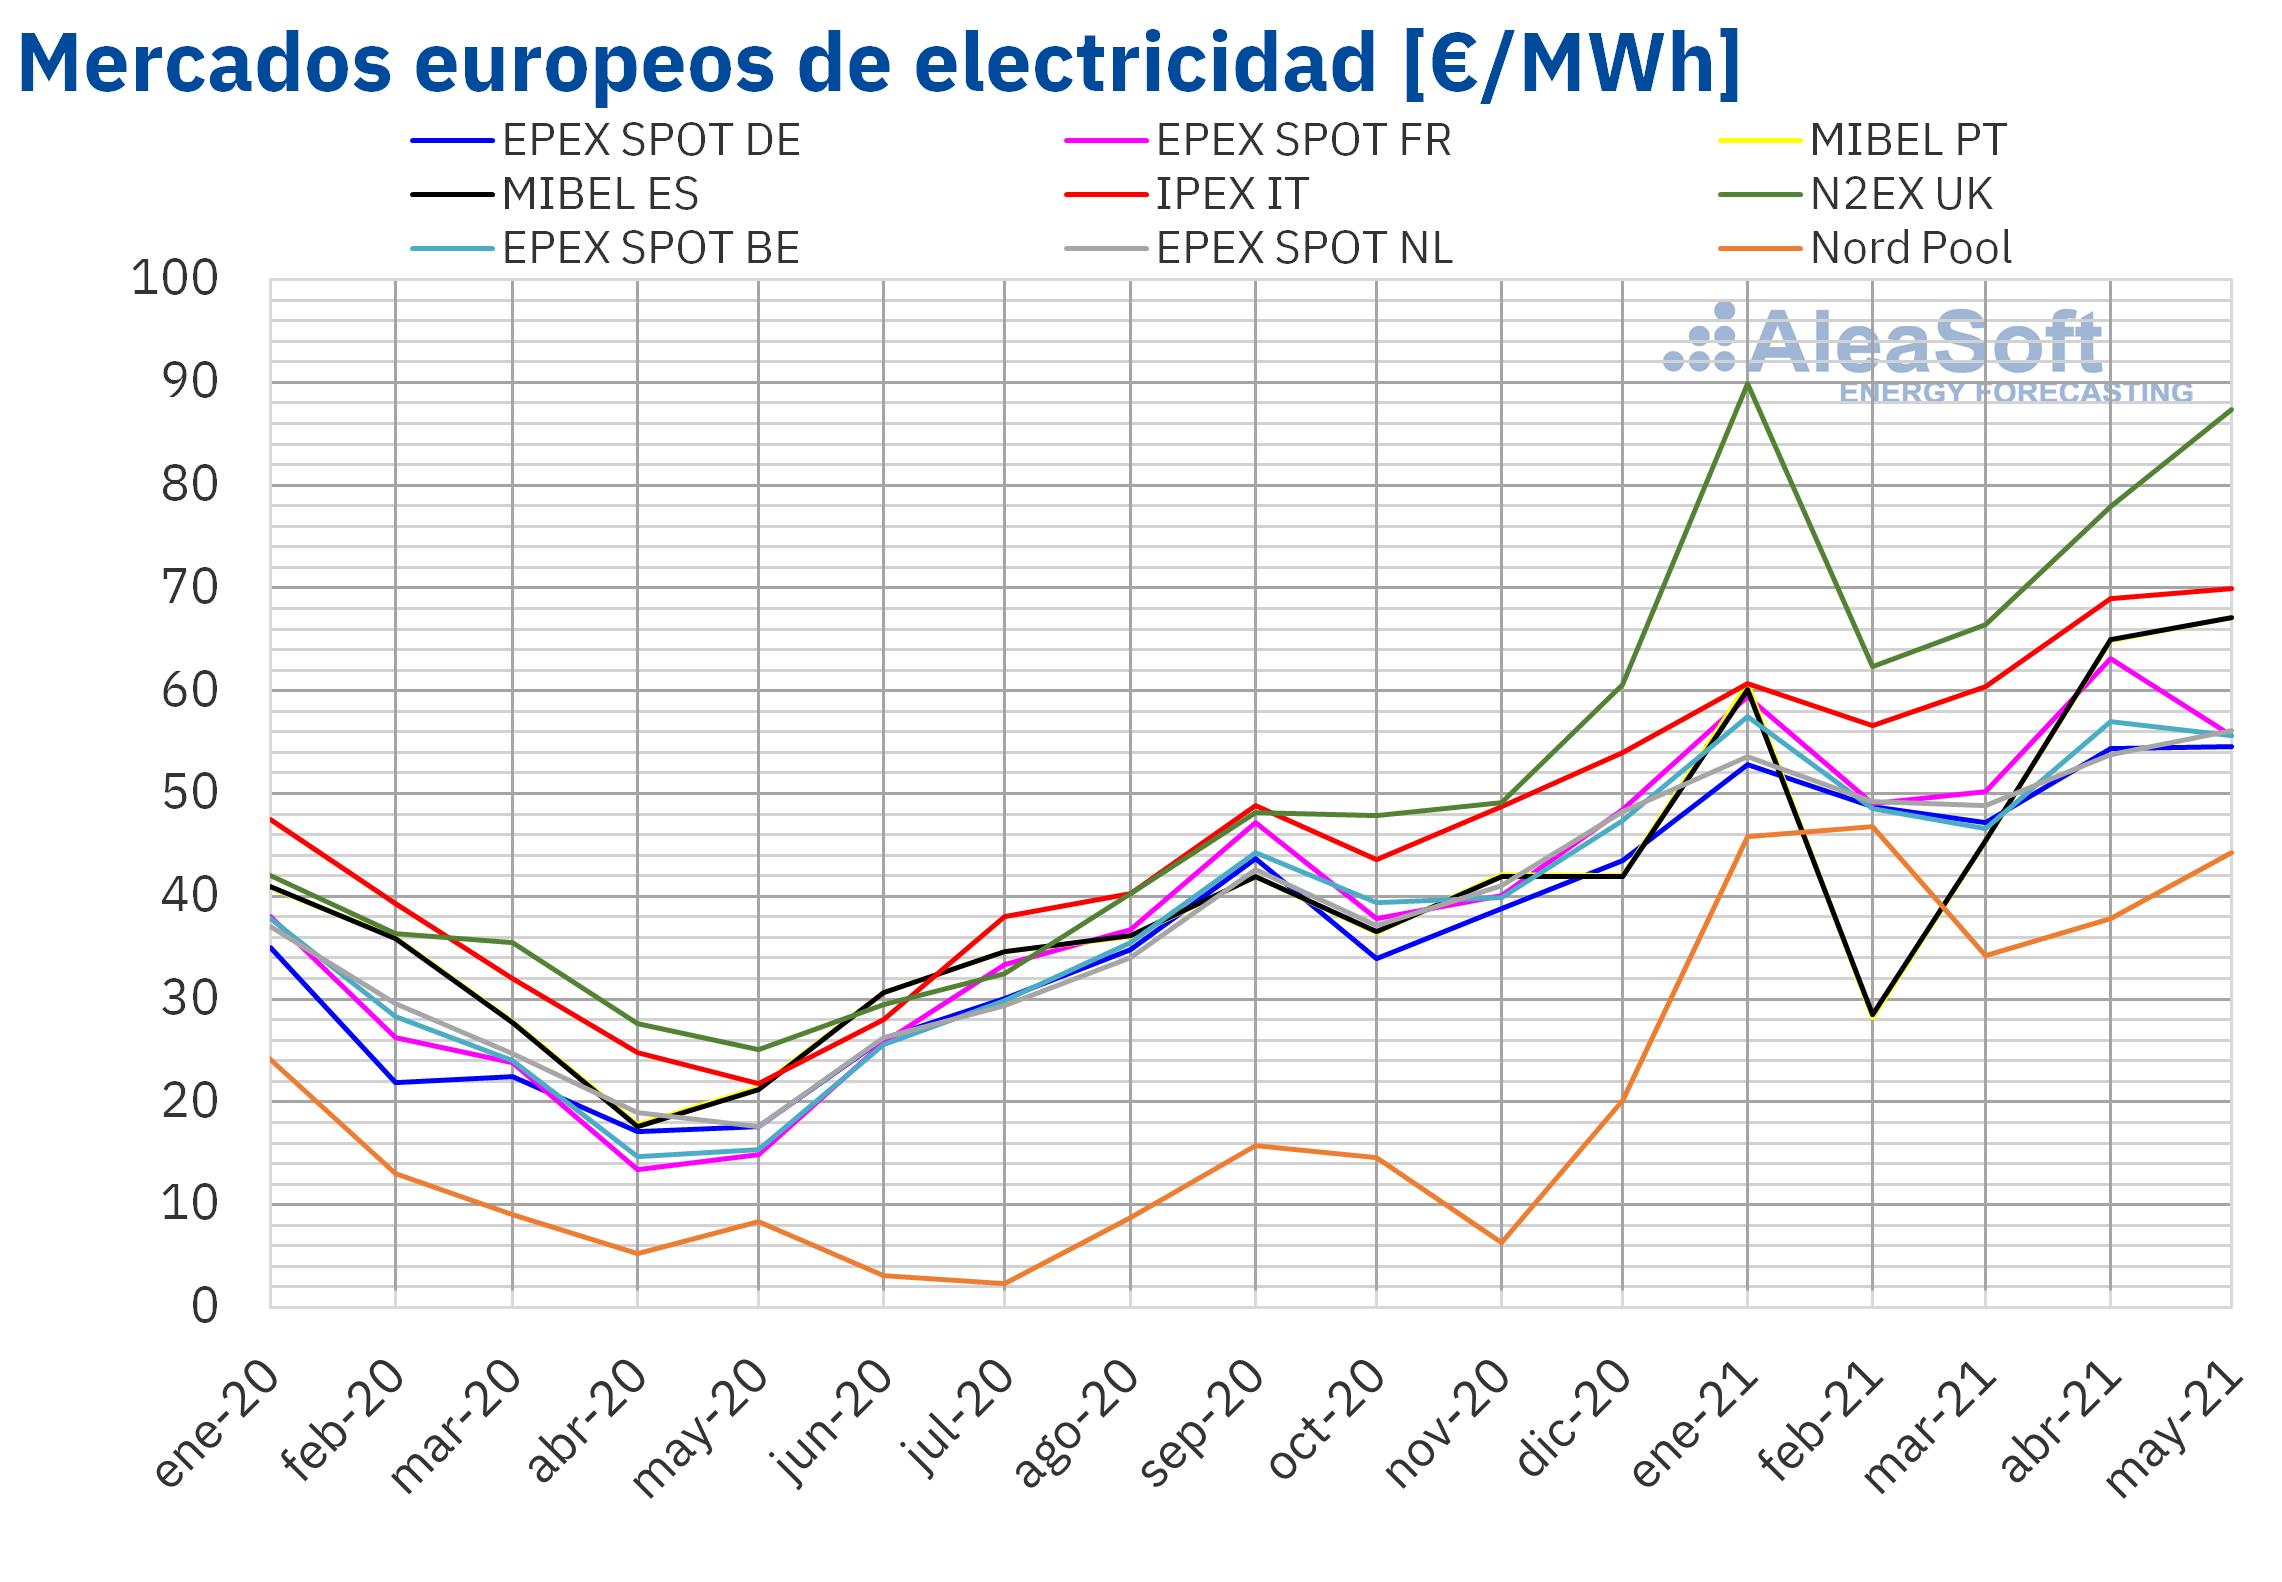 AleaSoft - Precio mensual mercados electricos Europa